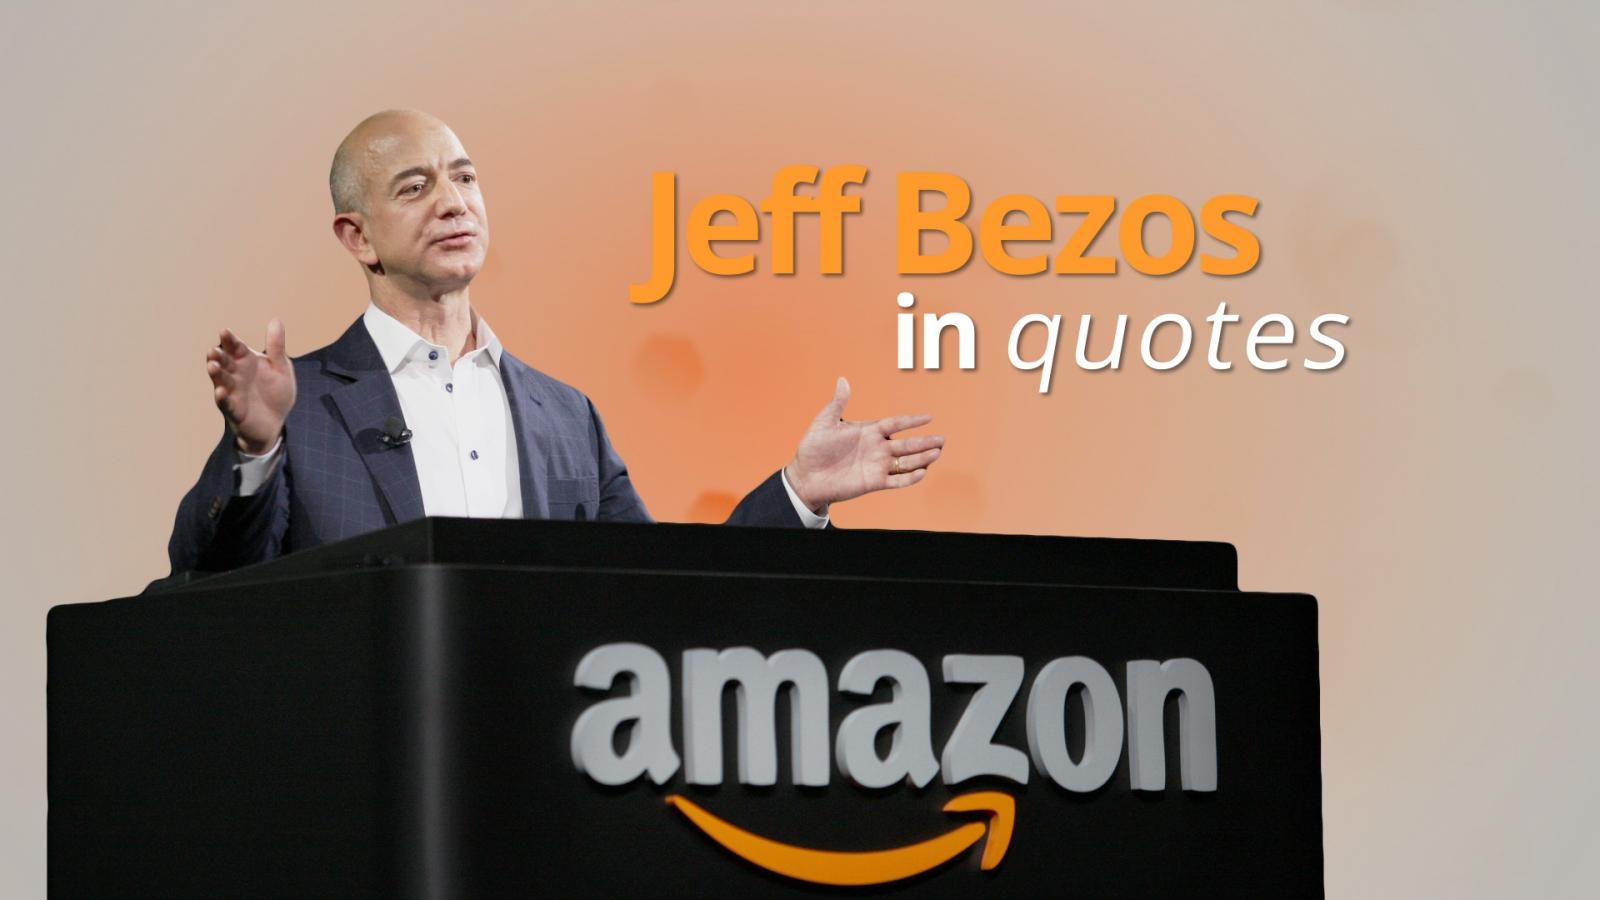 amazon-founder-jeff-bezos-in-quotes